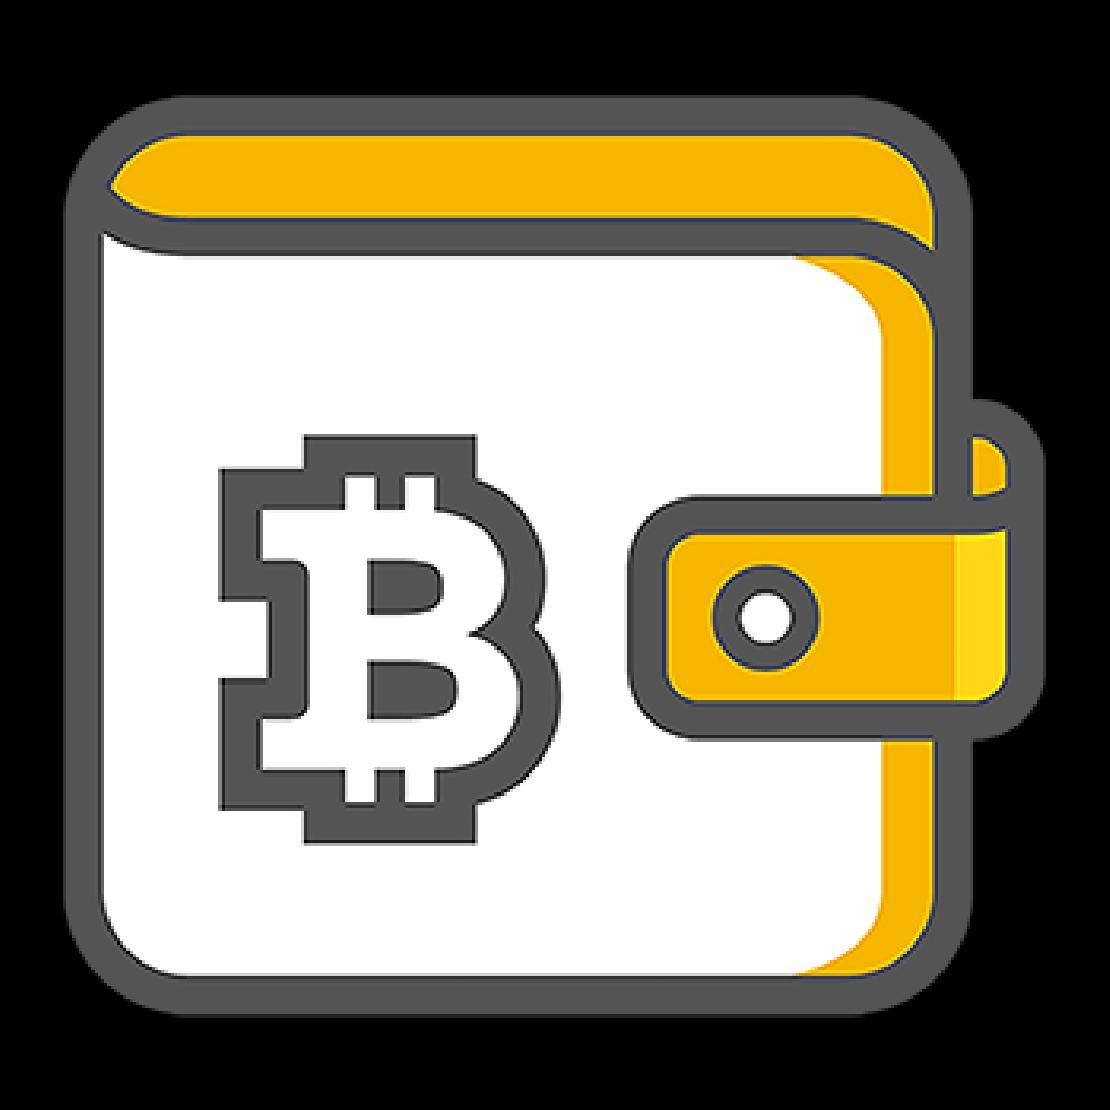 Hogyan lehet keresni Bitcoin? Ismerje meg, hogyan lehet ingyenes Bitcoin t keresni